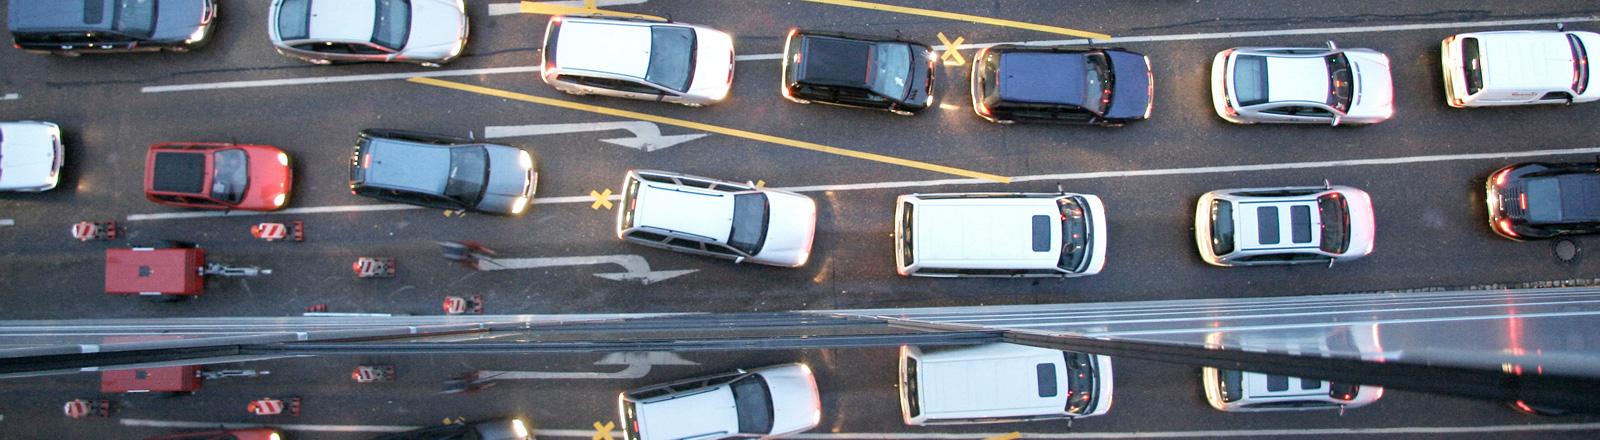 Blick von oben auf eine mehrspurige Straße, auf den Fahrbahnen stehen Autos hintereinander in der Schlange.